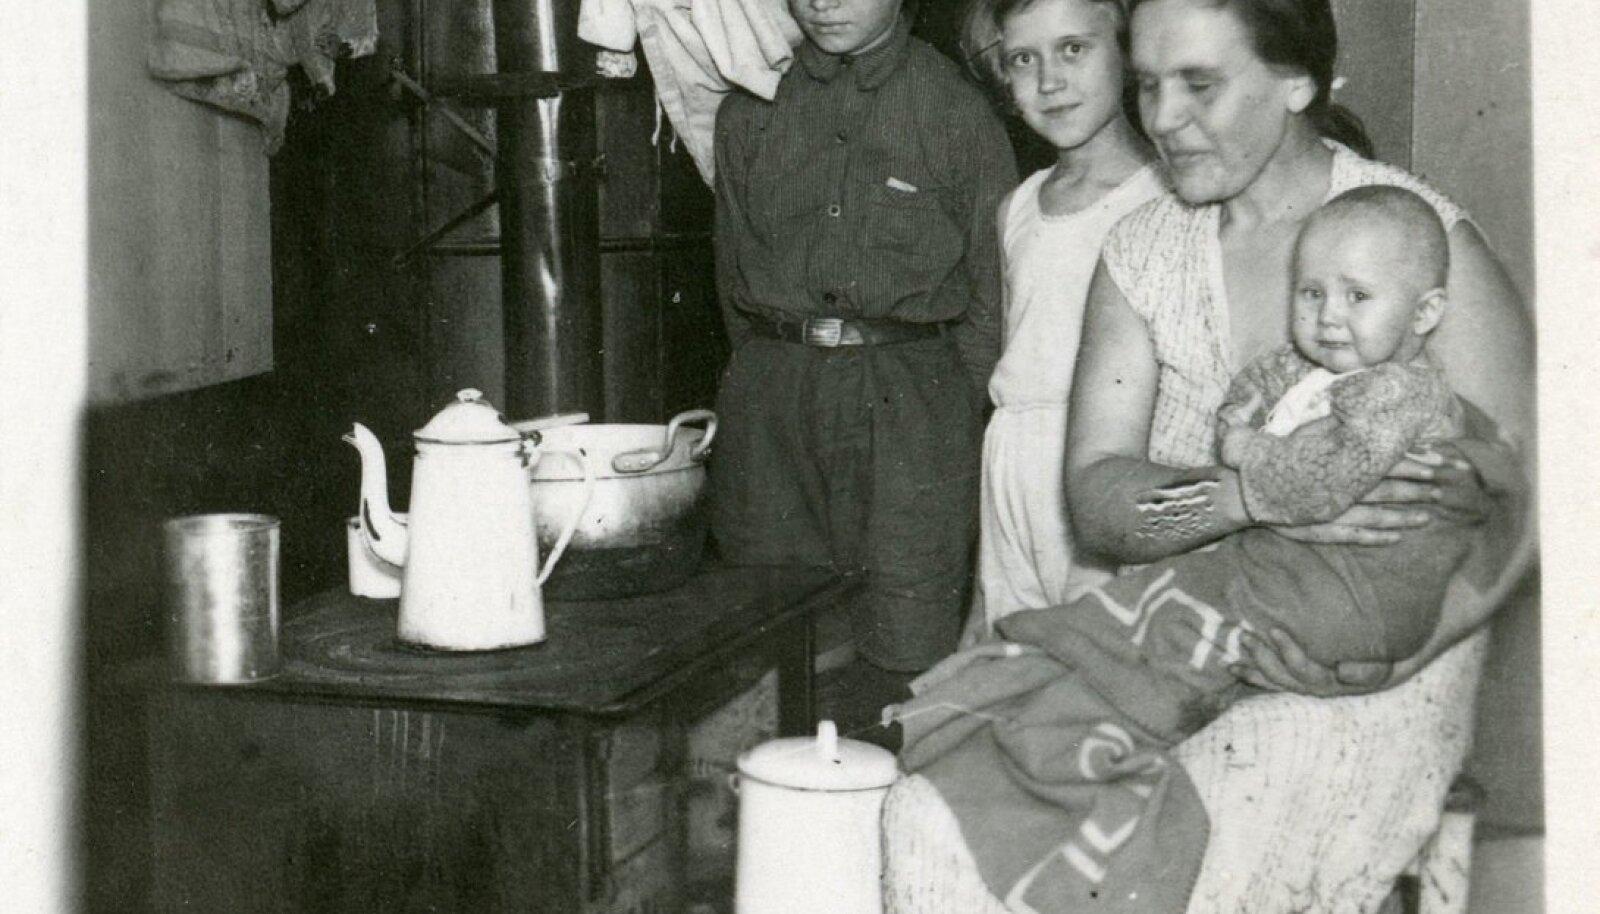 Töölisnaine koos oma lastega pildistatud köök-toas.